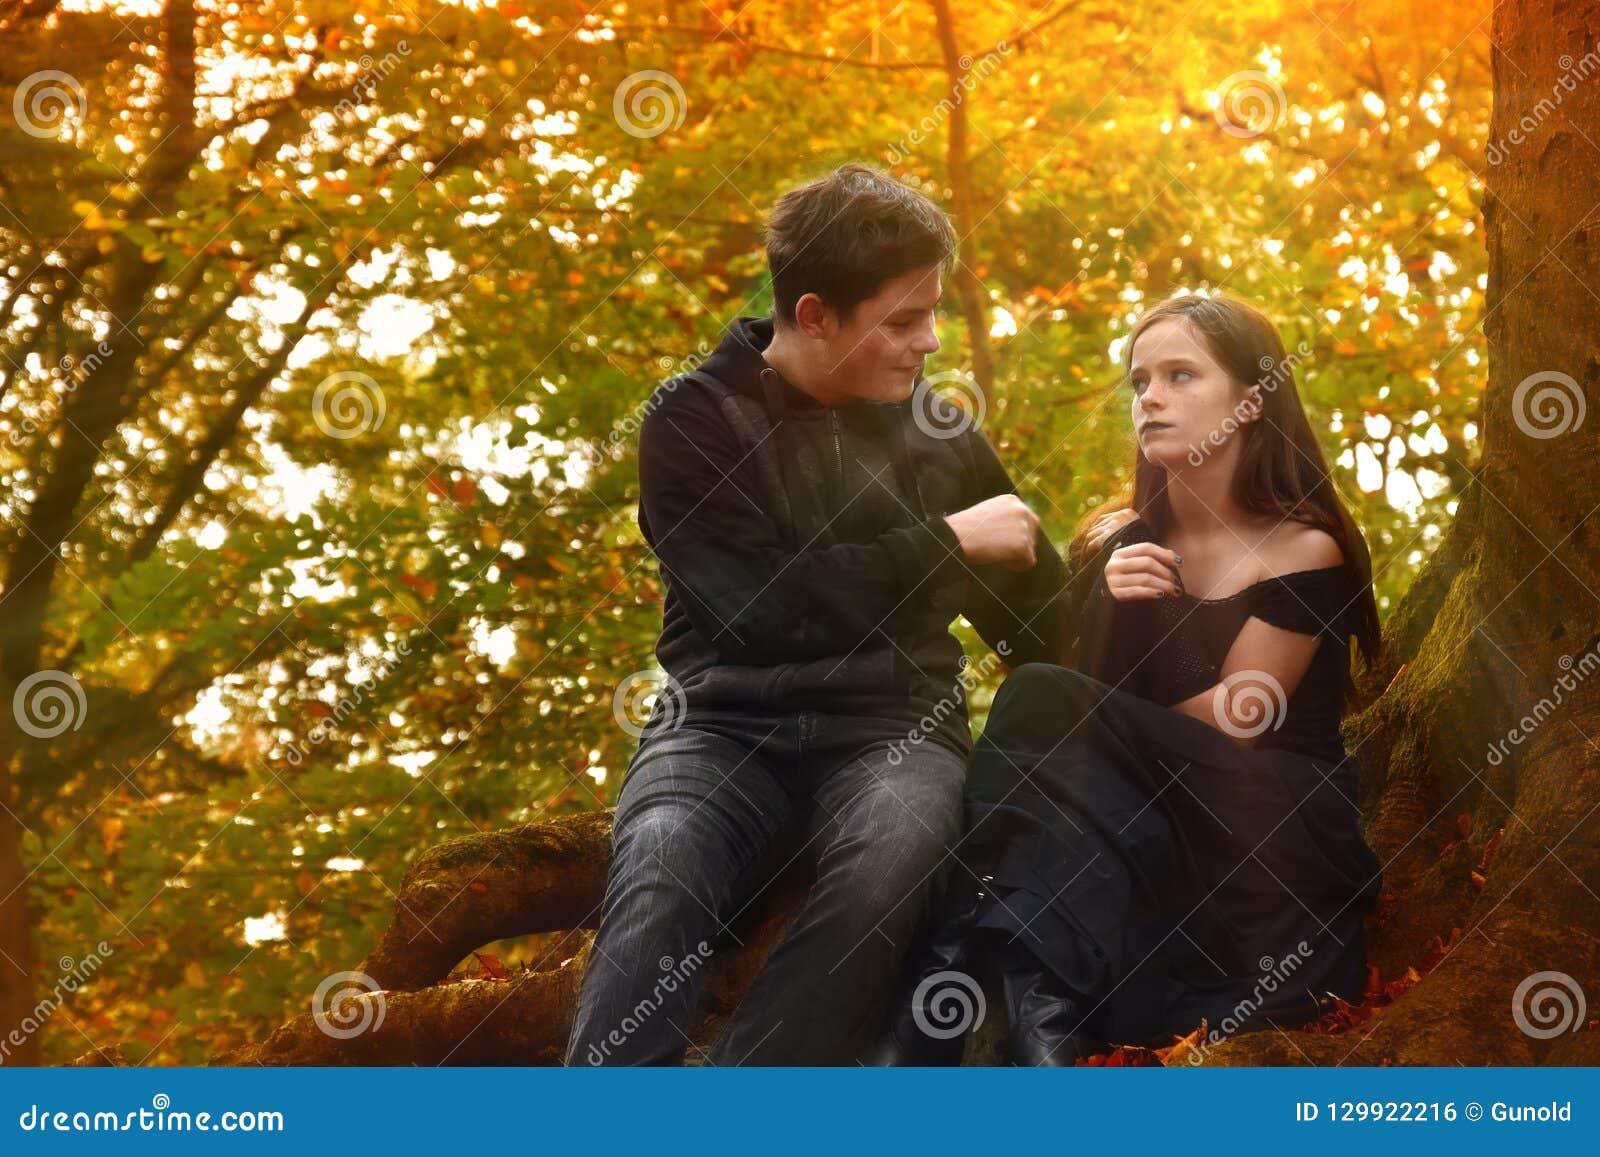 Freunde genießen eine romantische Stimmung im Herbstwald